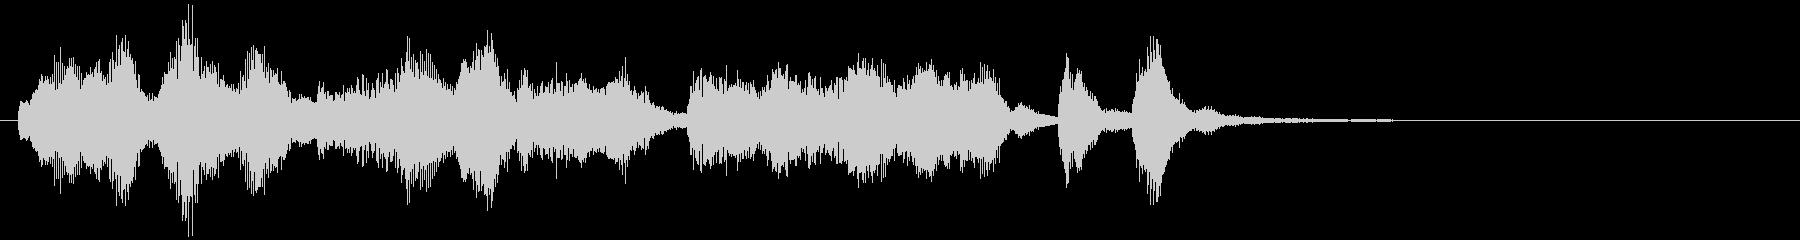 のほほんジングル021_優しい+3の未再生の波形